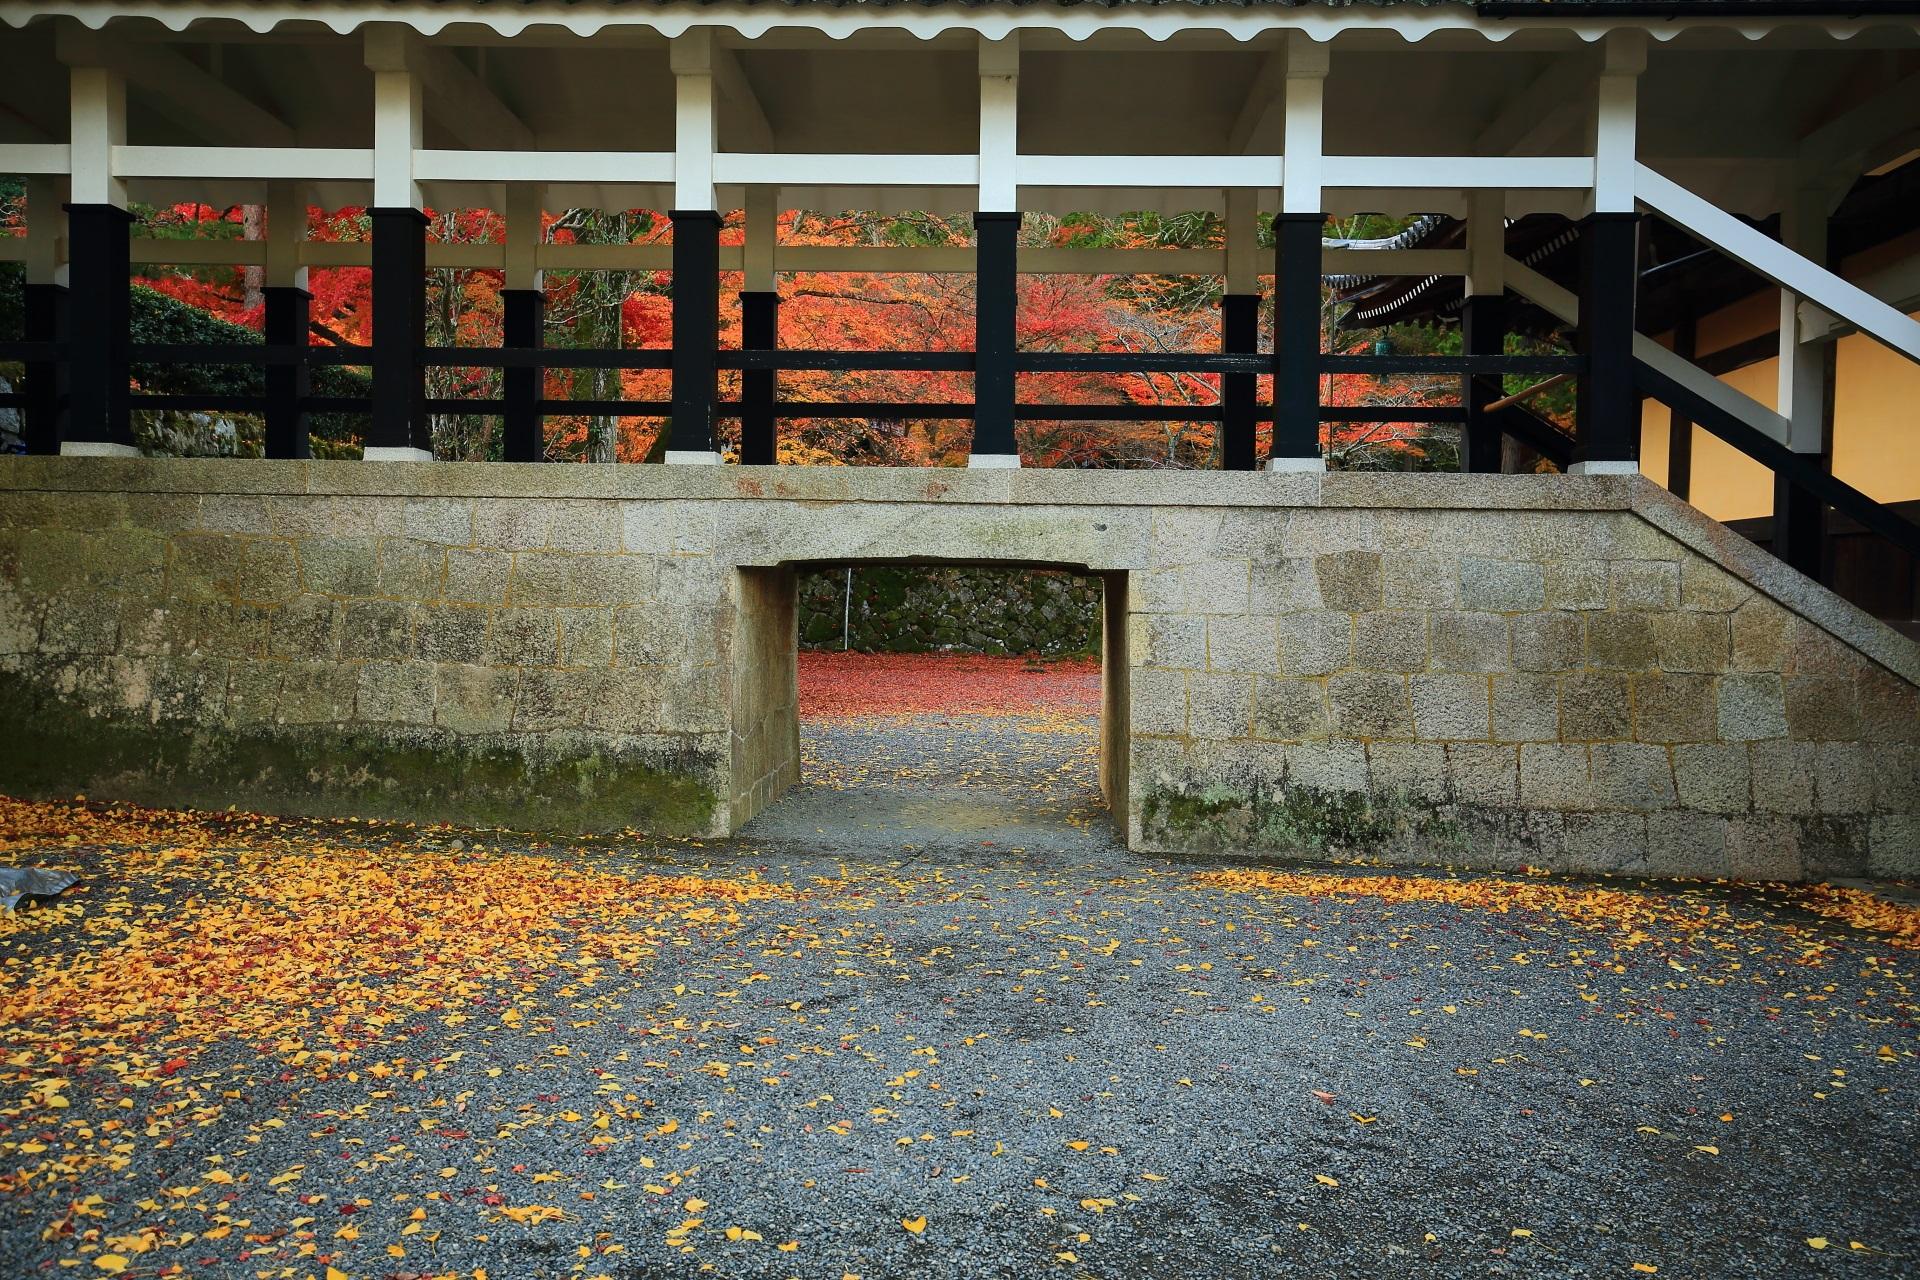 南禅寺の渡廊下を彩る絶品の秋色